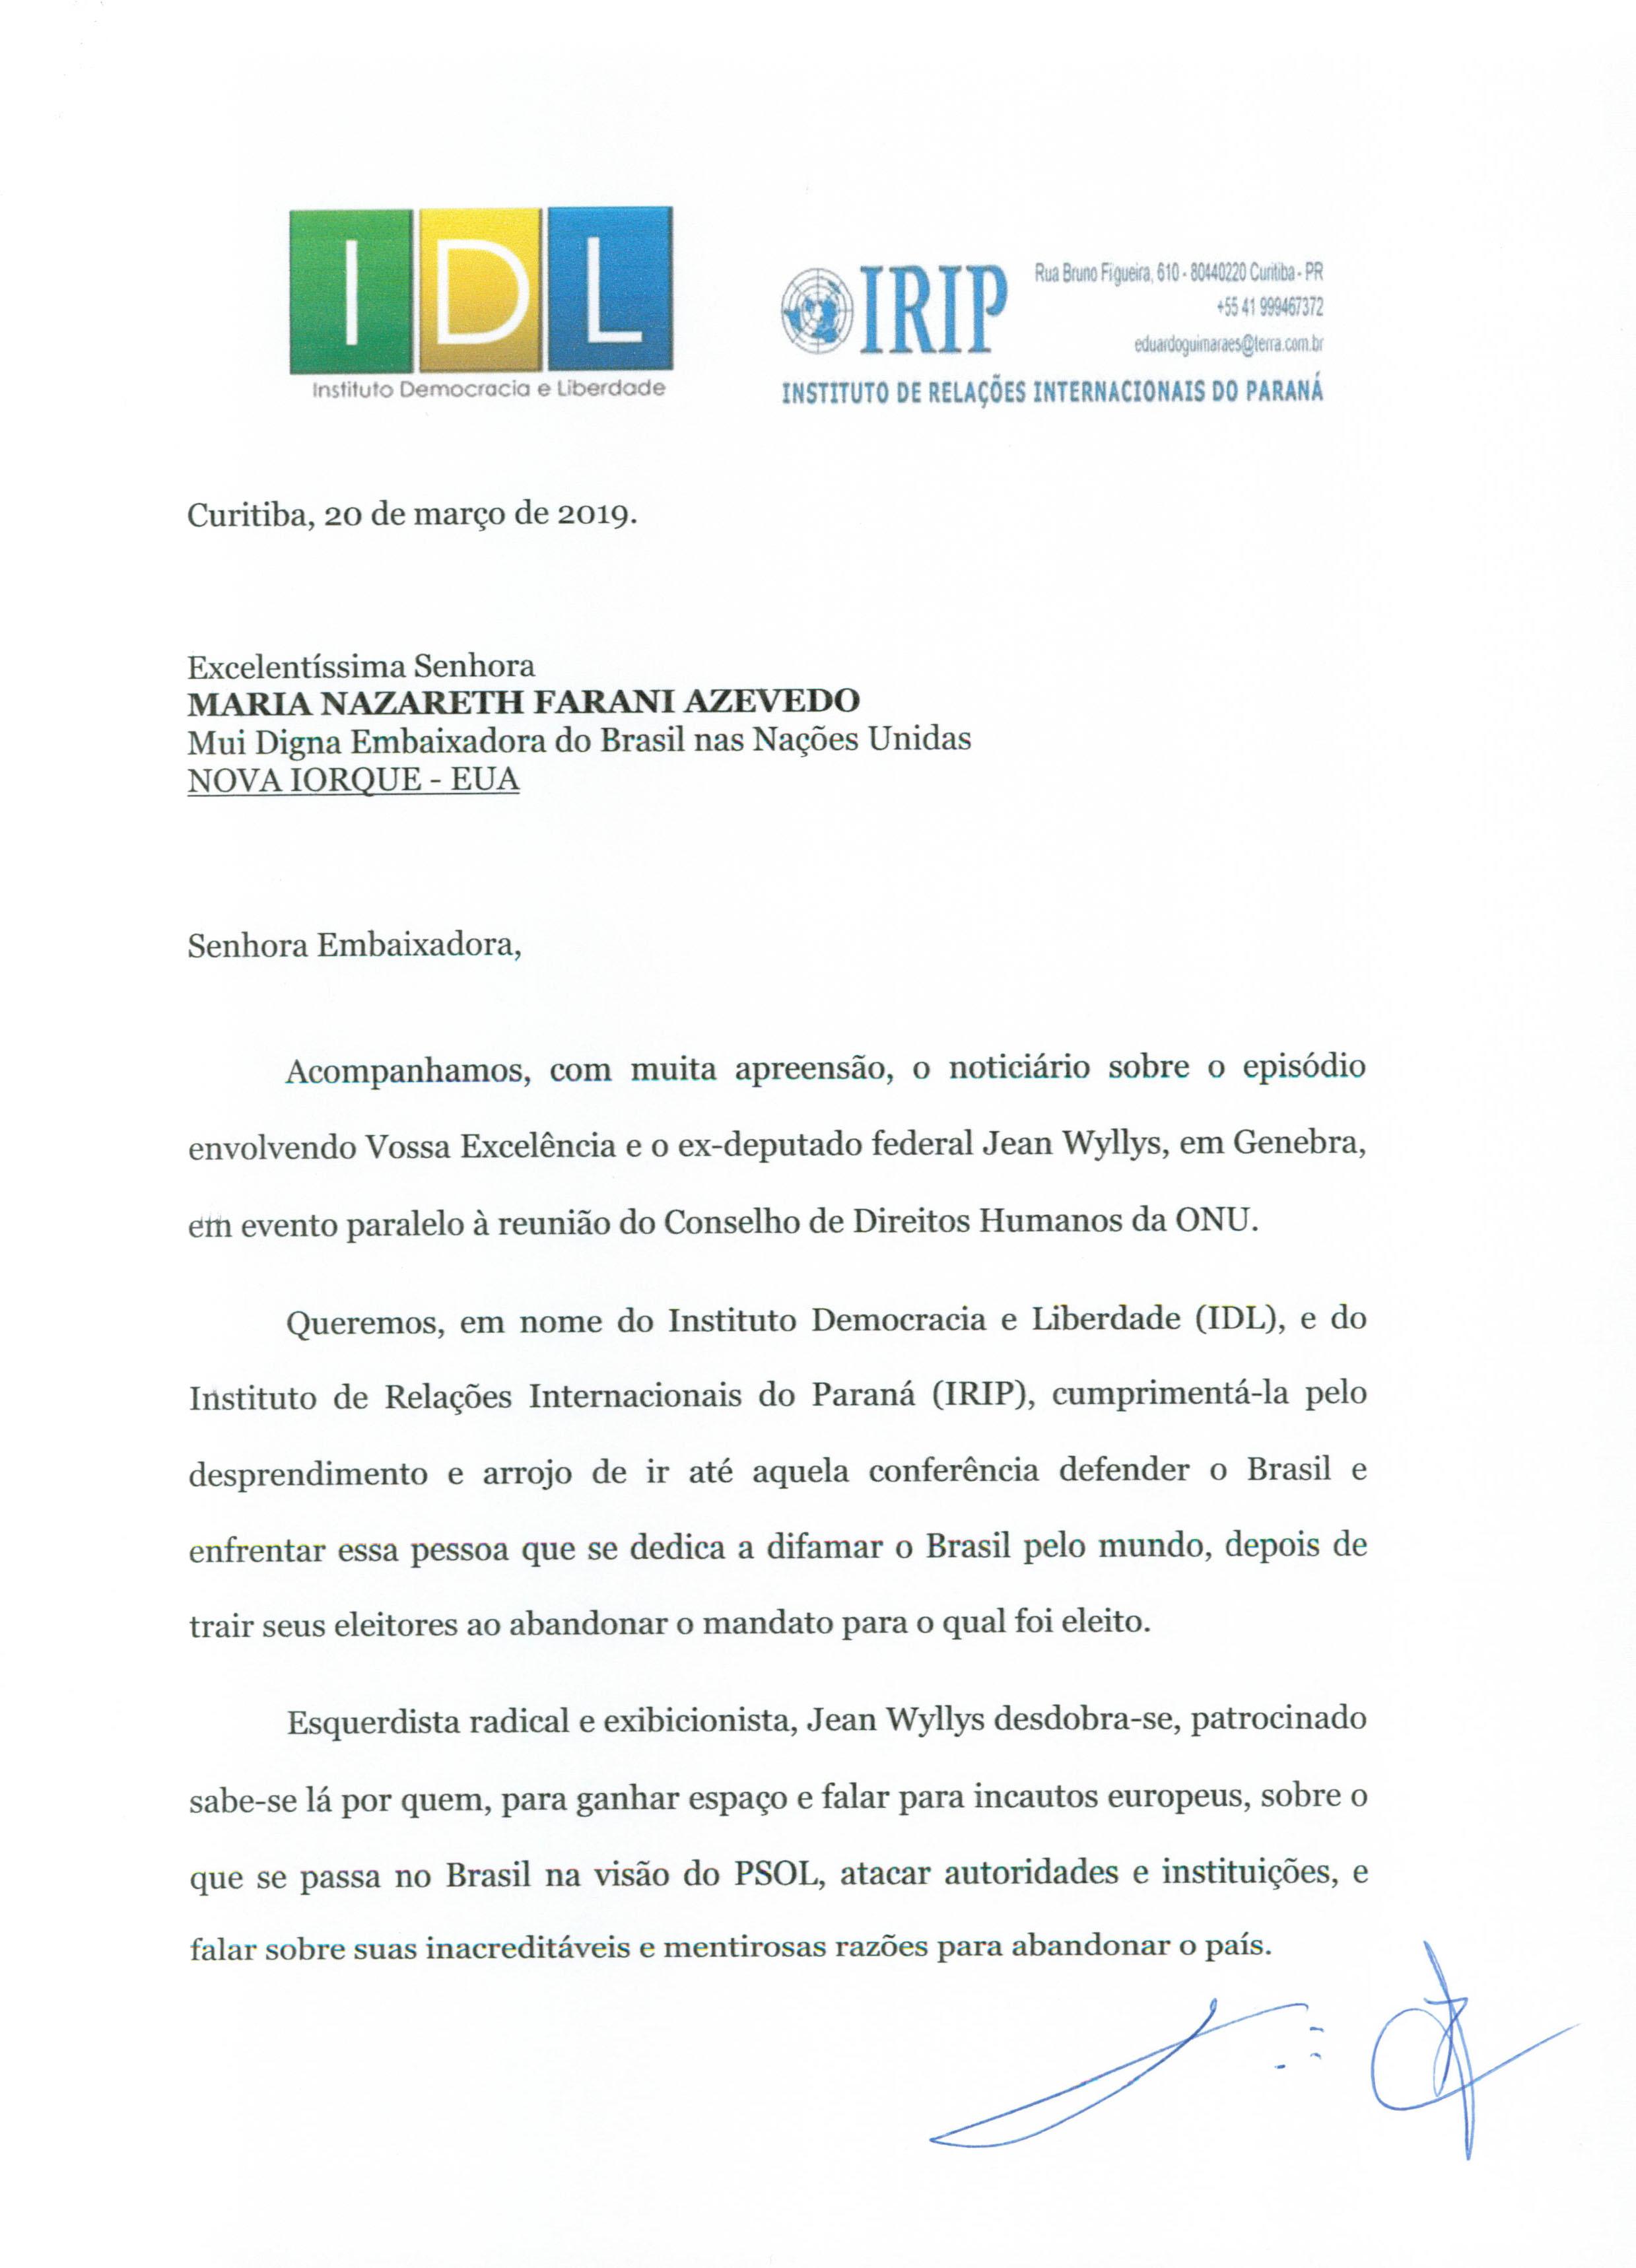 CARTA EMBAIXADORA DO BRASIL NAS NAÇÕES UNIDAS-1